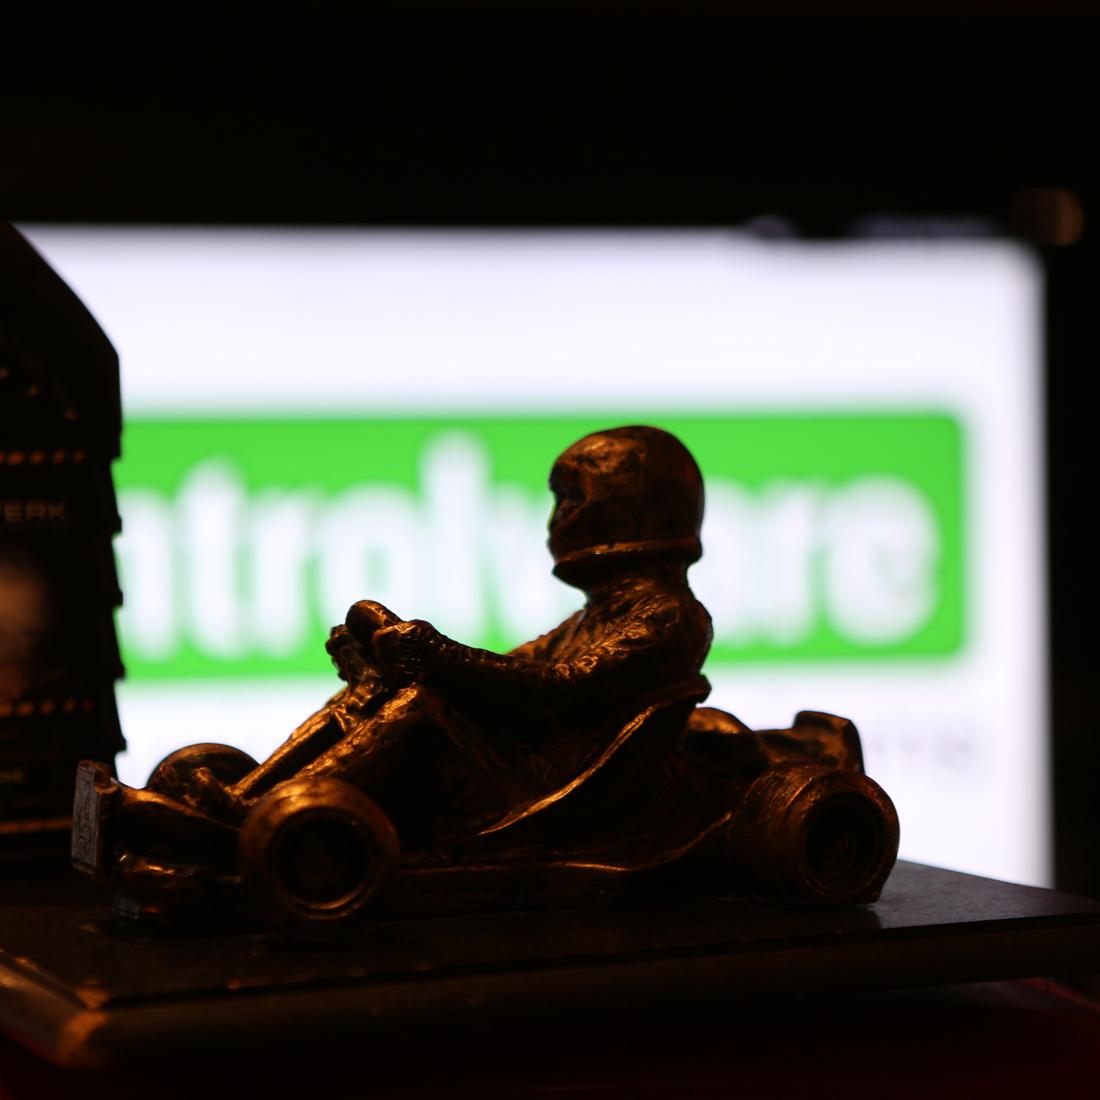 Der Pokal des Controlware Kart-Cup-Events.